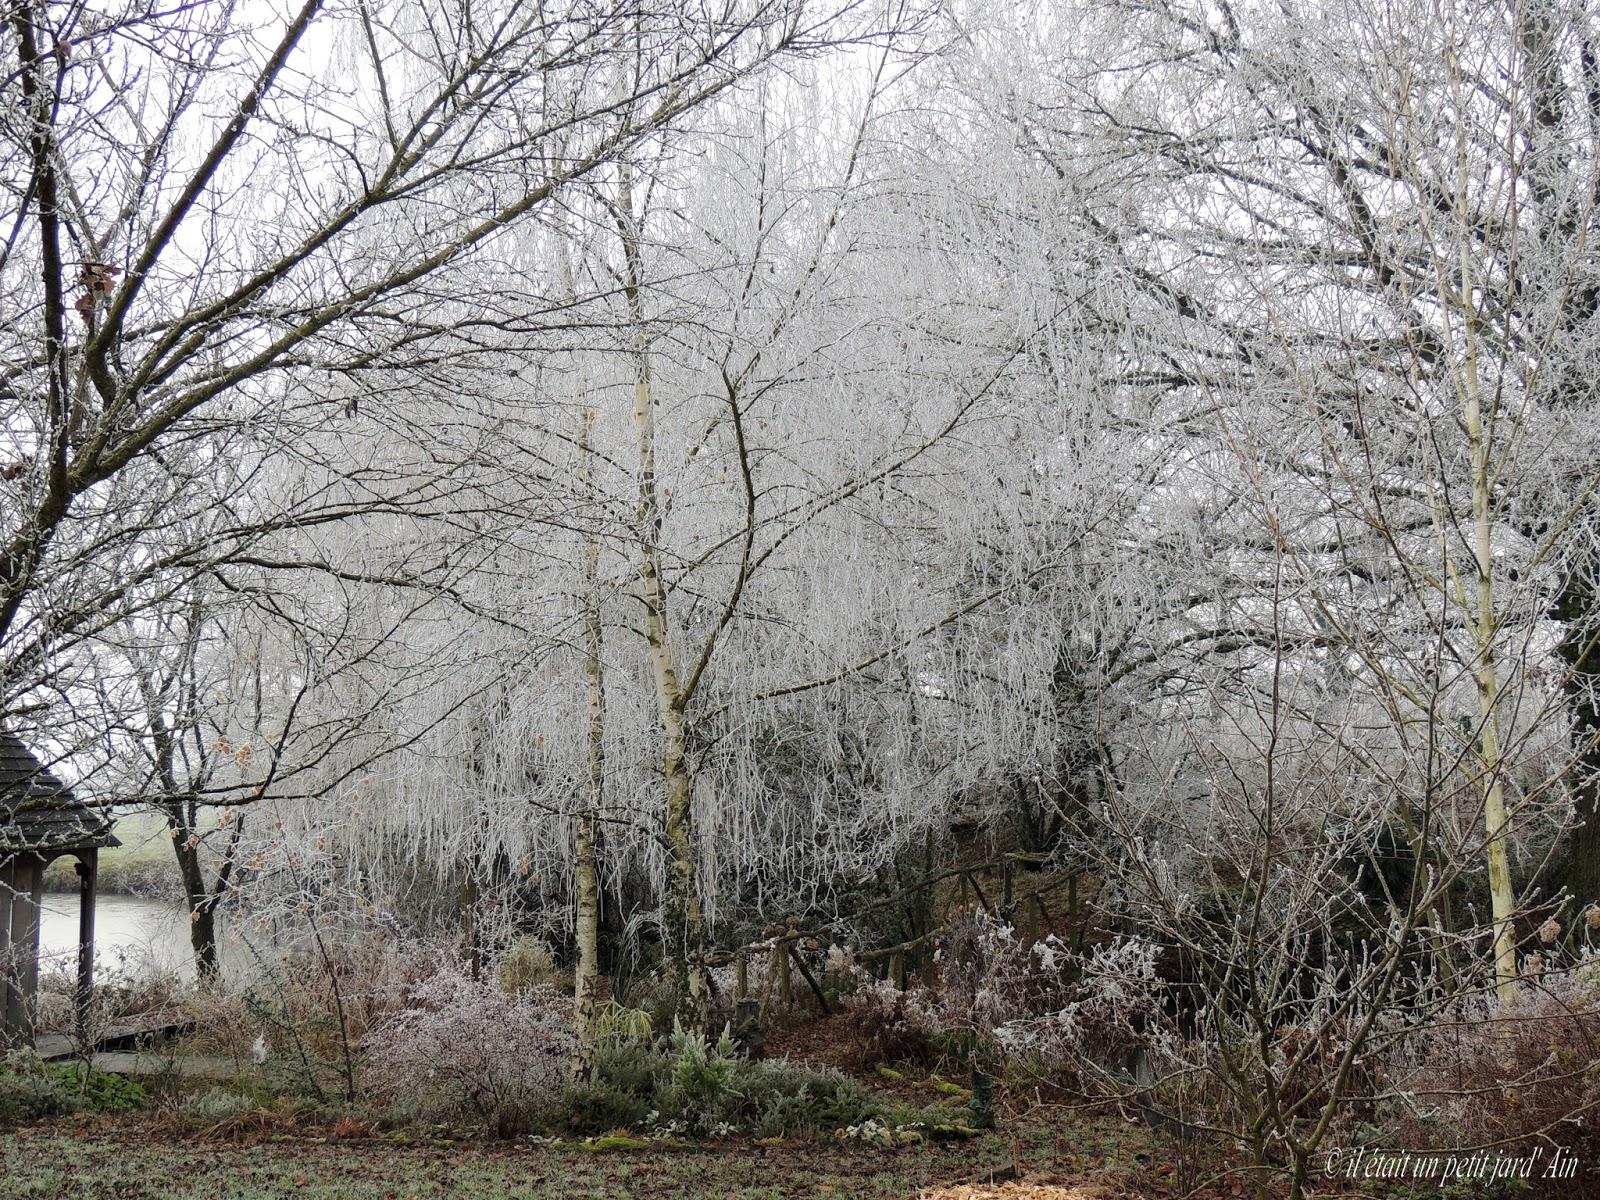 Il etait un petit jard 39 ain givree de jardin for Jardin anglais en hiver